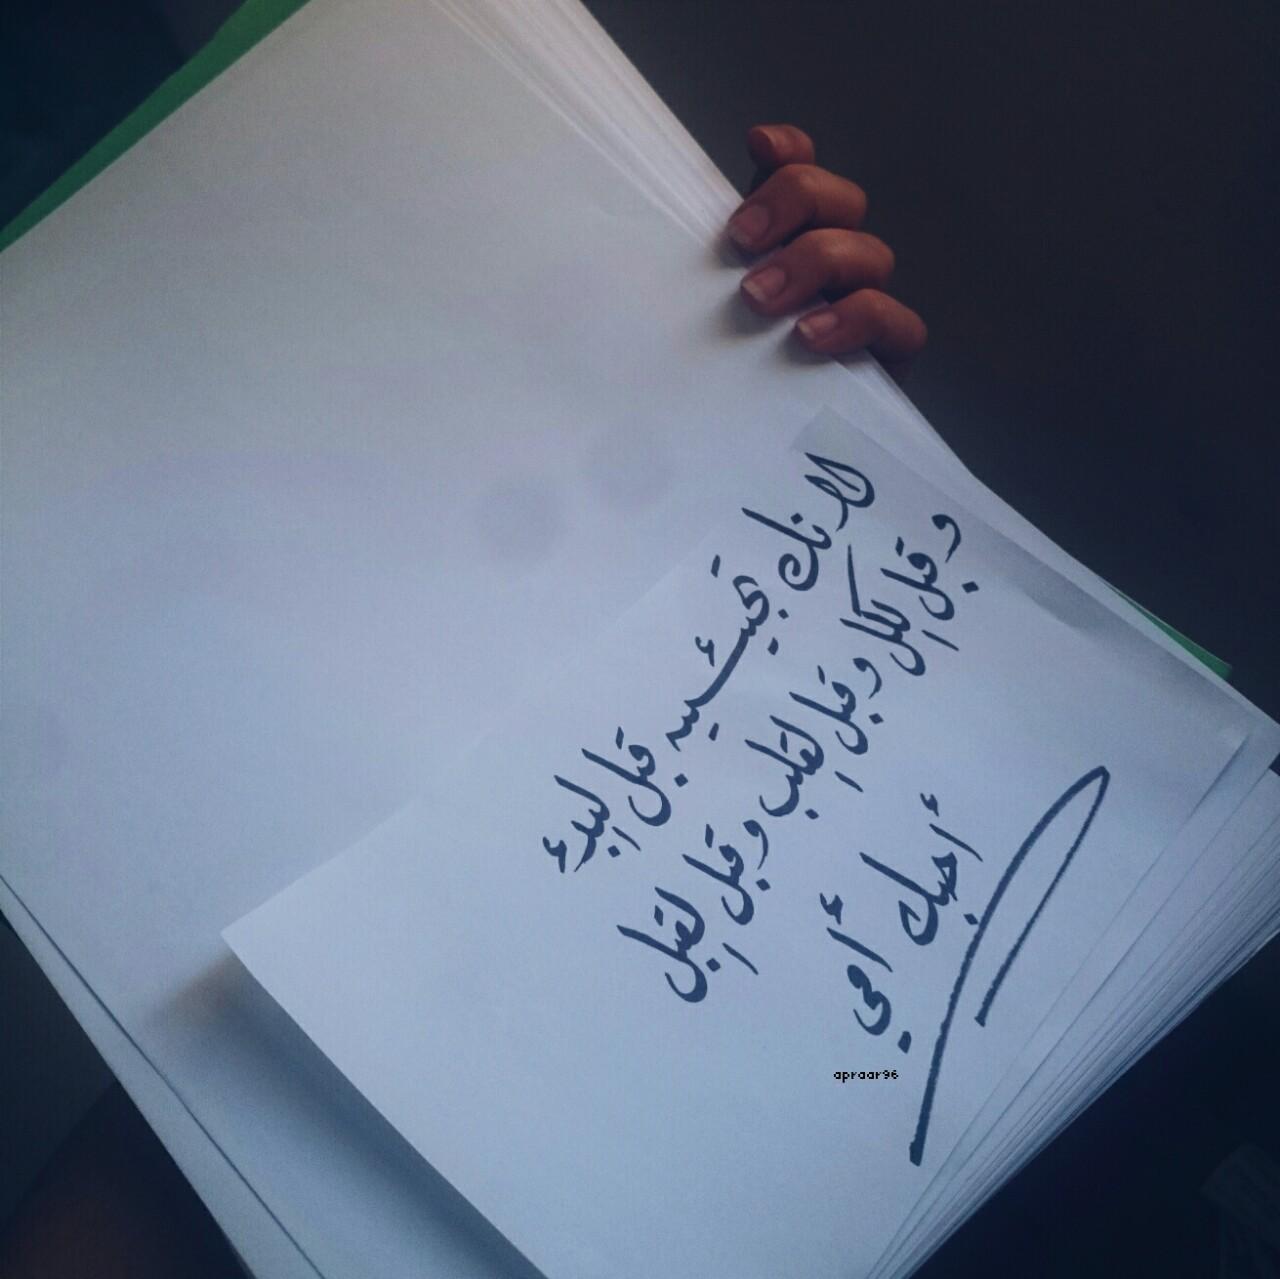 بالصور حكم عن الام , الام وحكم لتعظيم من شانها 3600